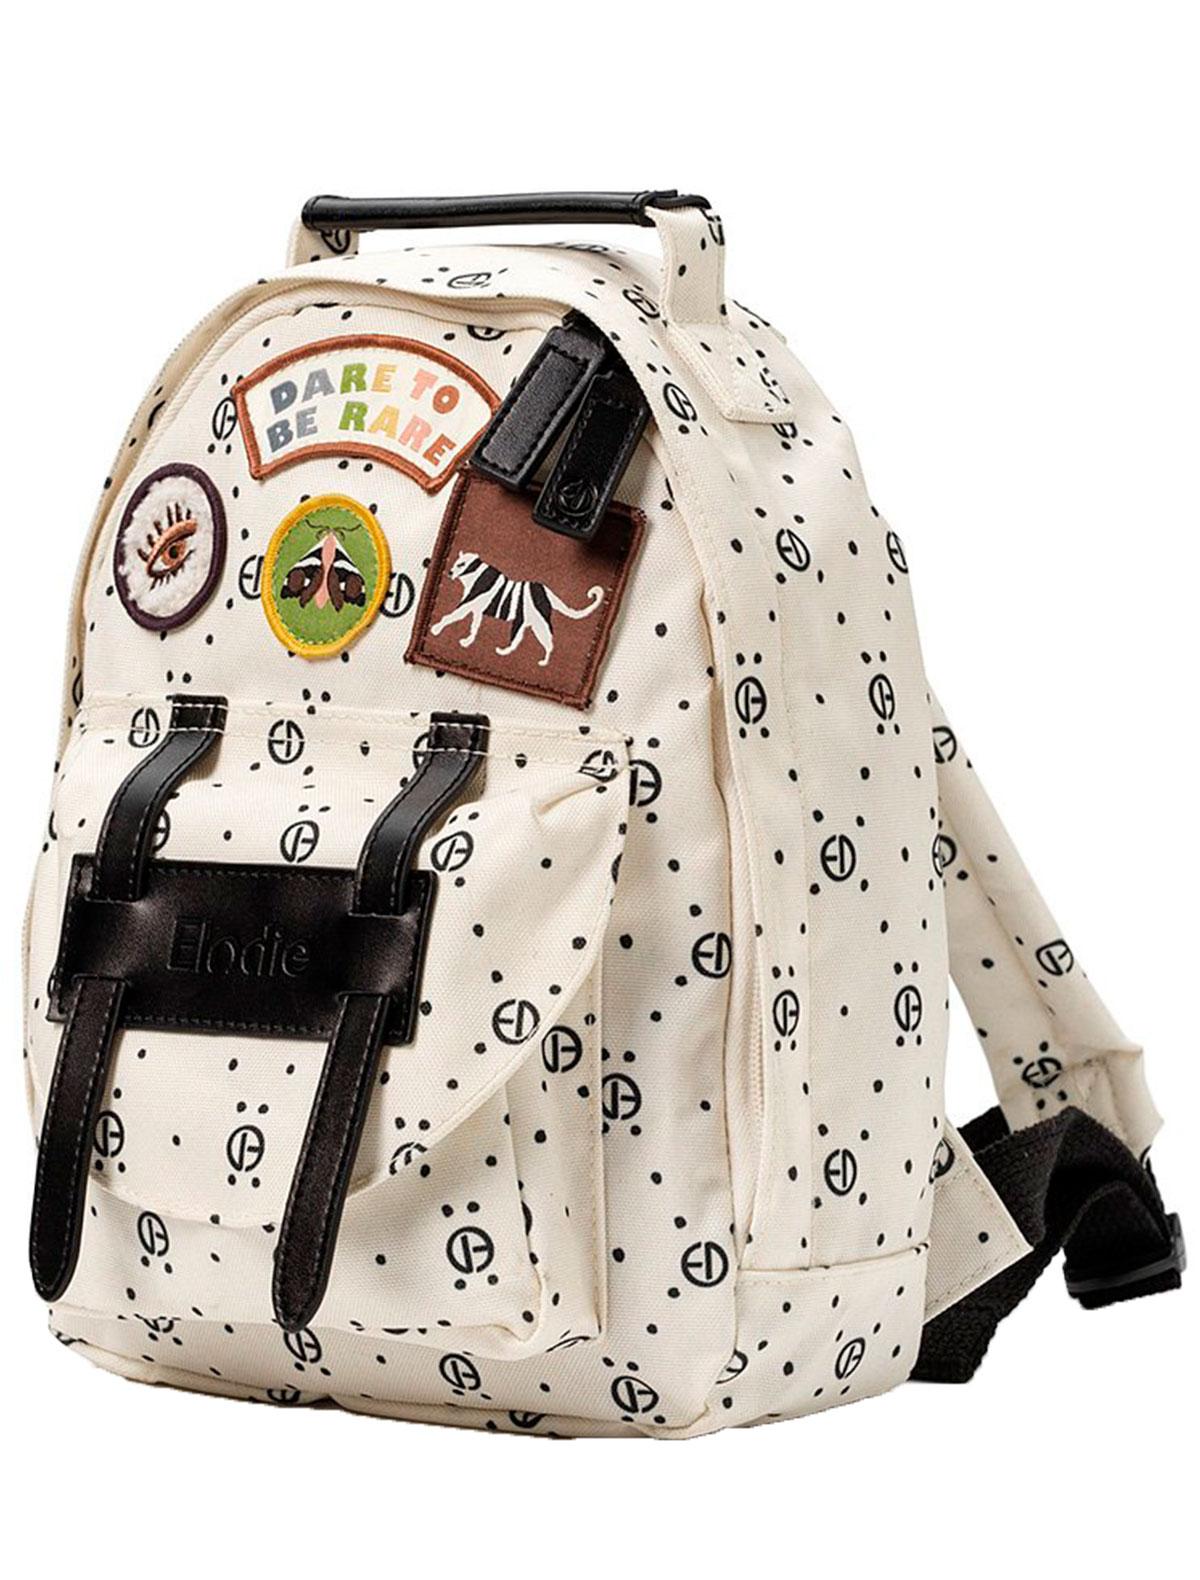 Купить 2255999, Рюкзак Elodie, разноцветный, 1504528080166